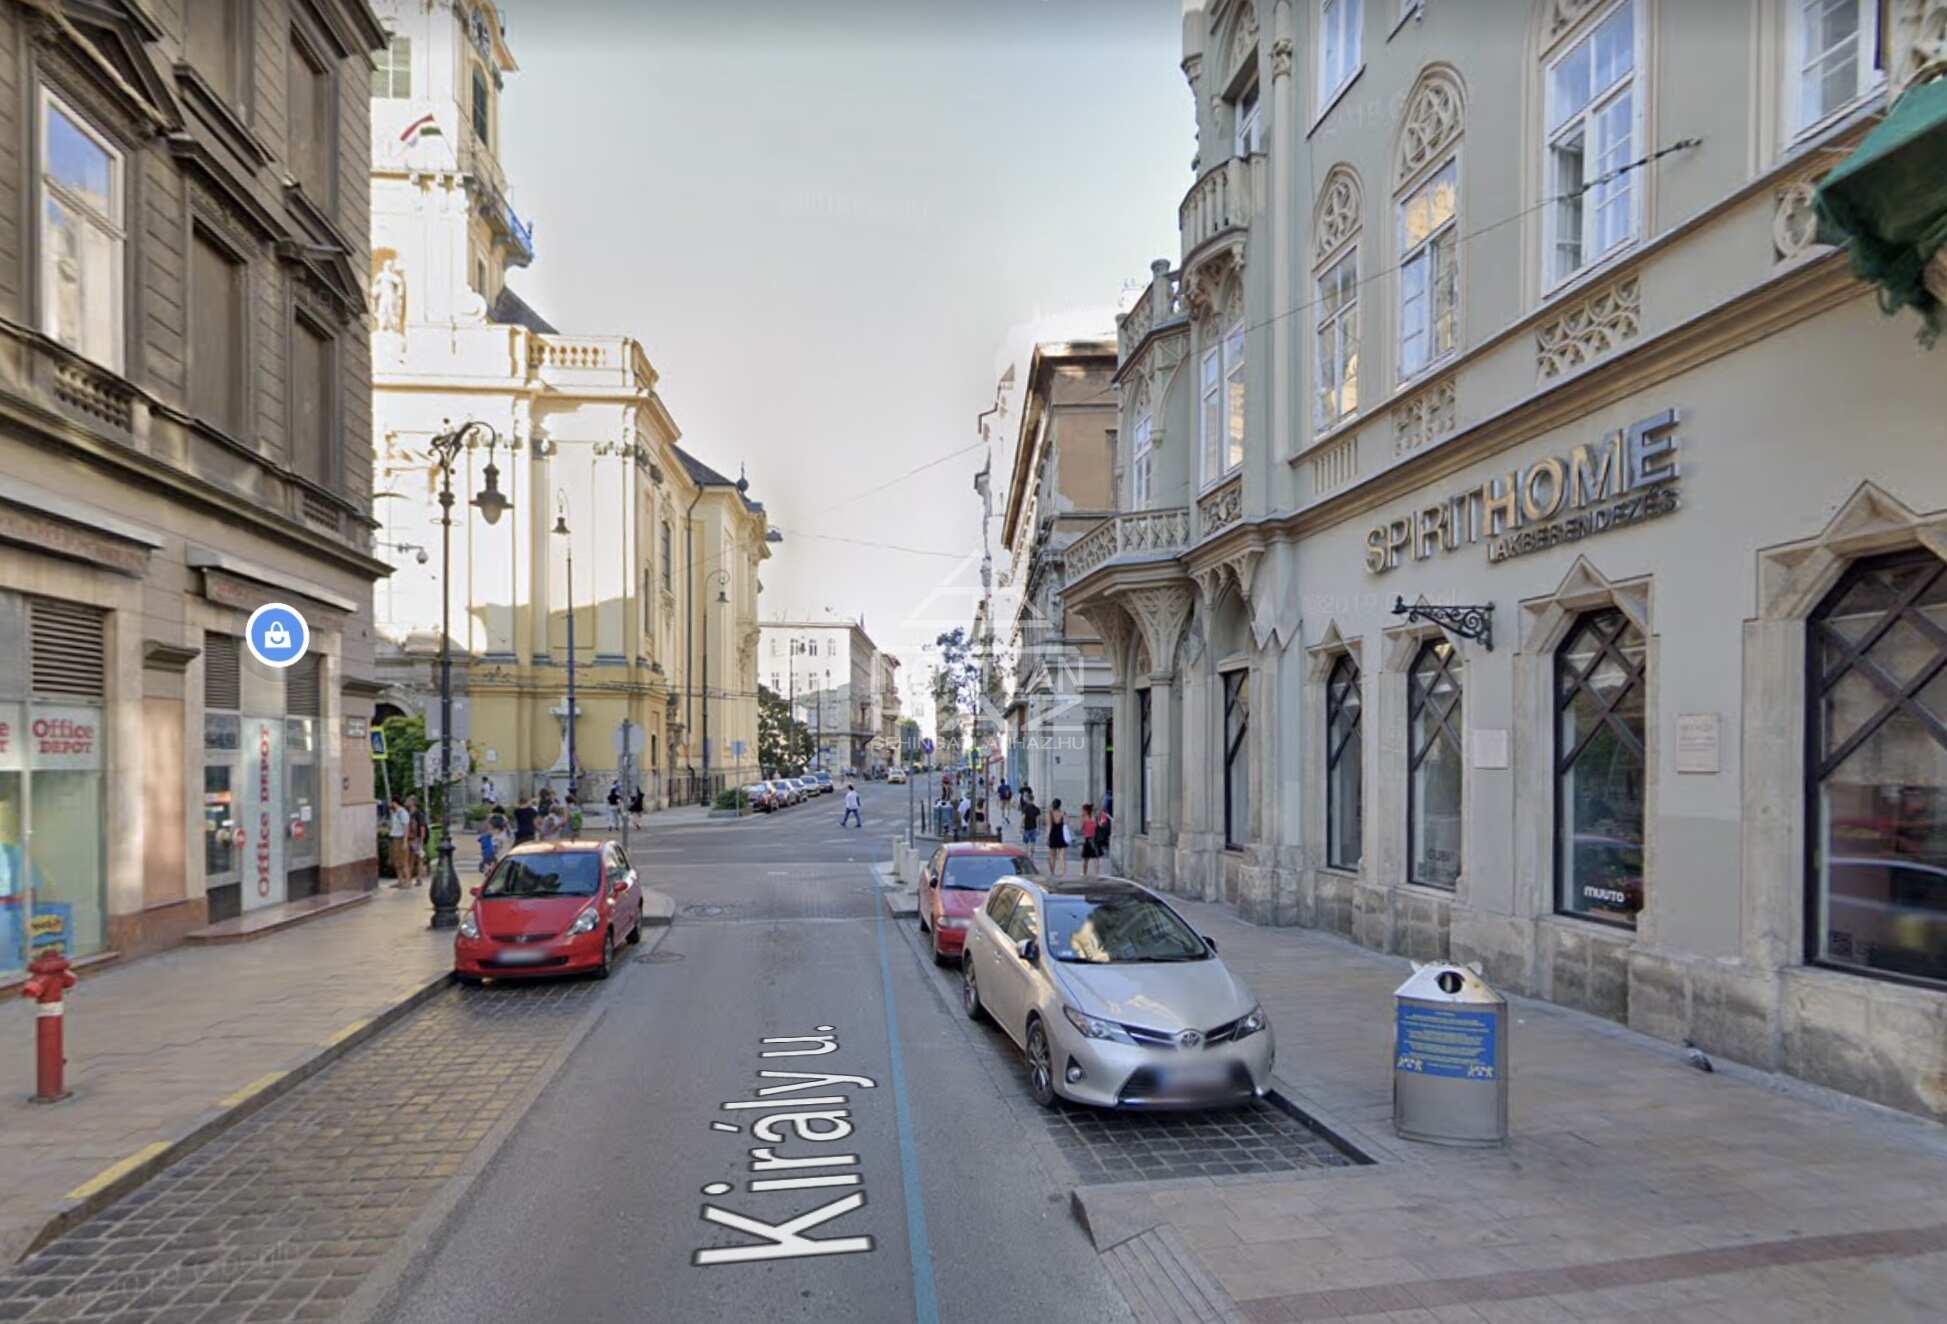 VII.kerület, vigalmi negyed Király u 50 m2, , utcai, felújított, berendezett ,kirakatos,, galériás üzlethelyiség kiadò